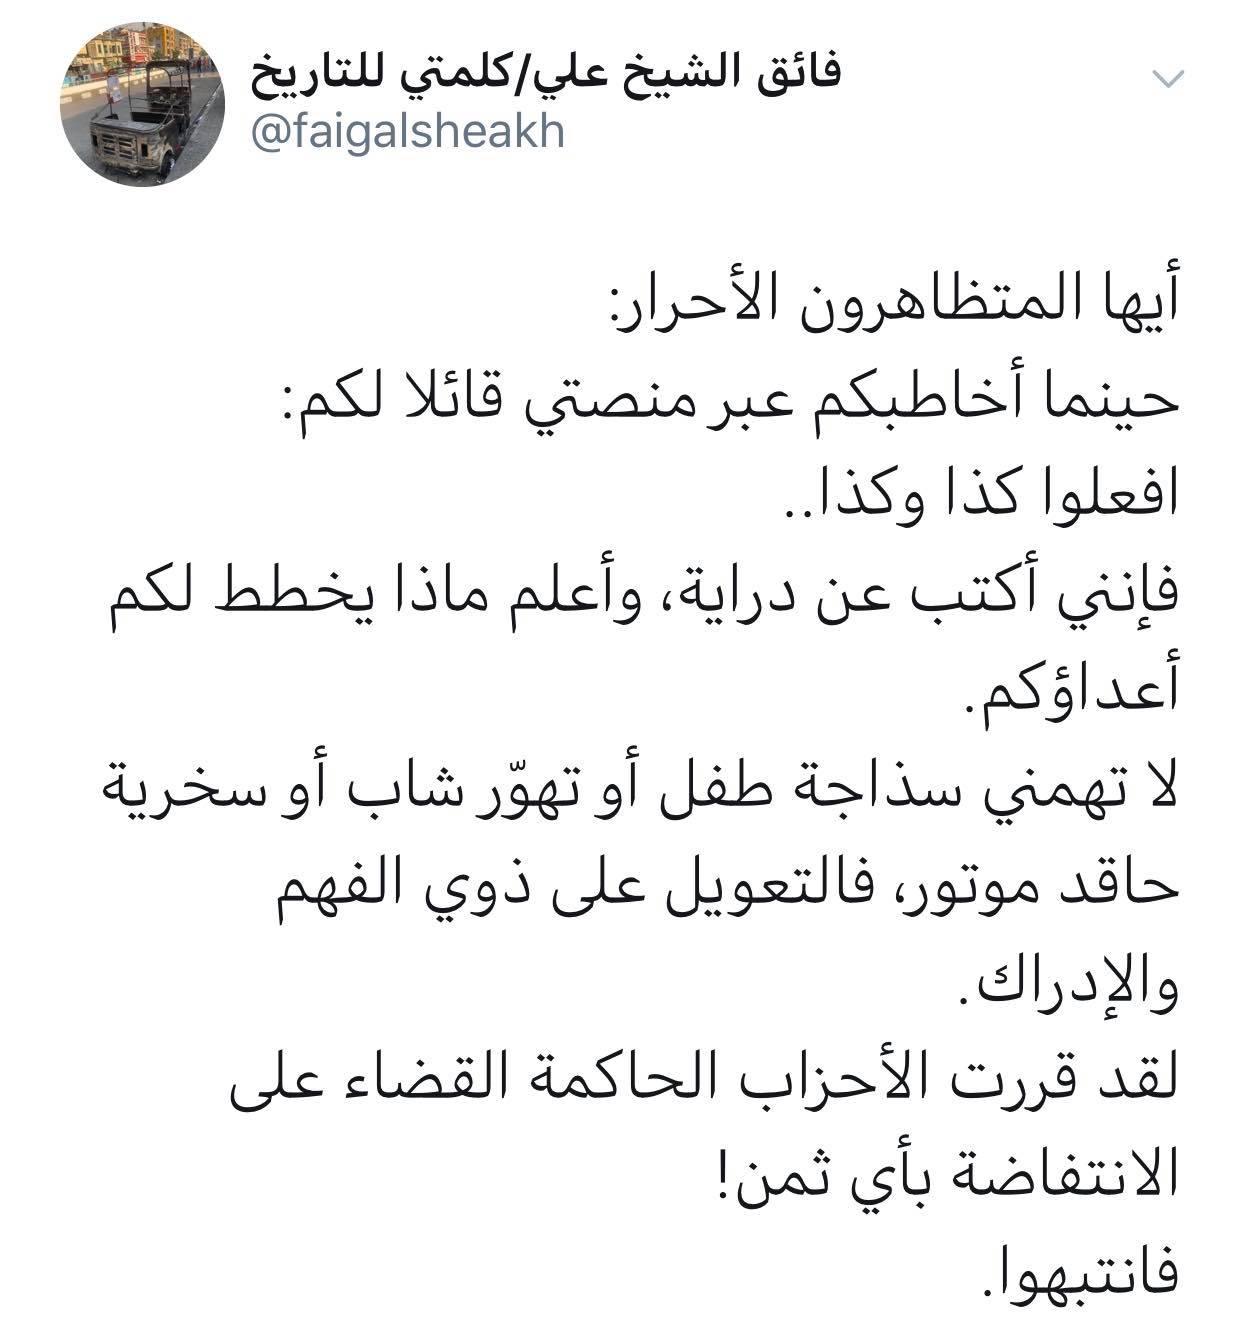 نائب يحذر المتظاهرين: الأحزاب قررت القضاء على الانتفاضة بأي ثمن